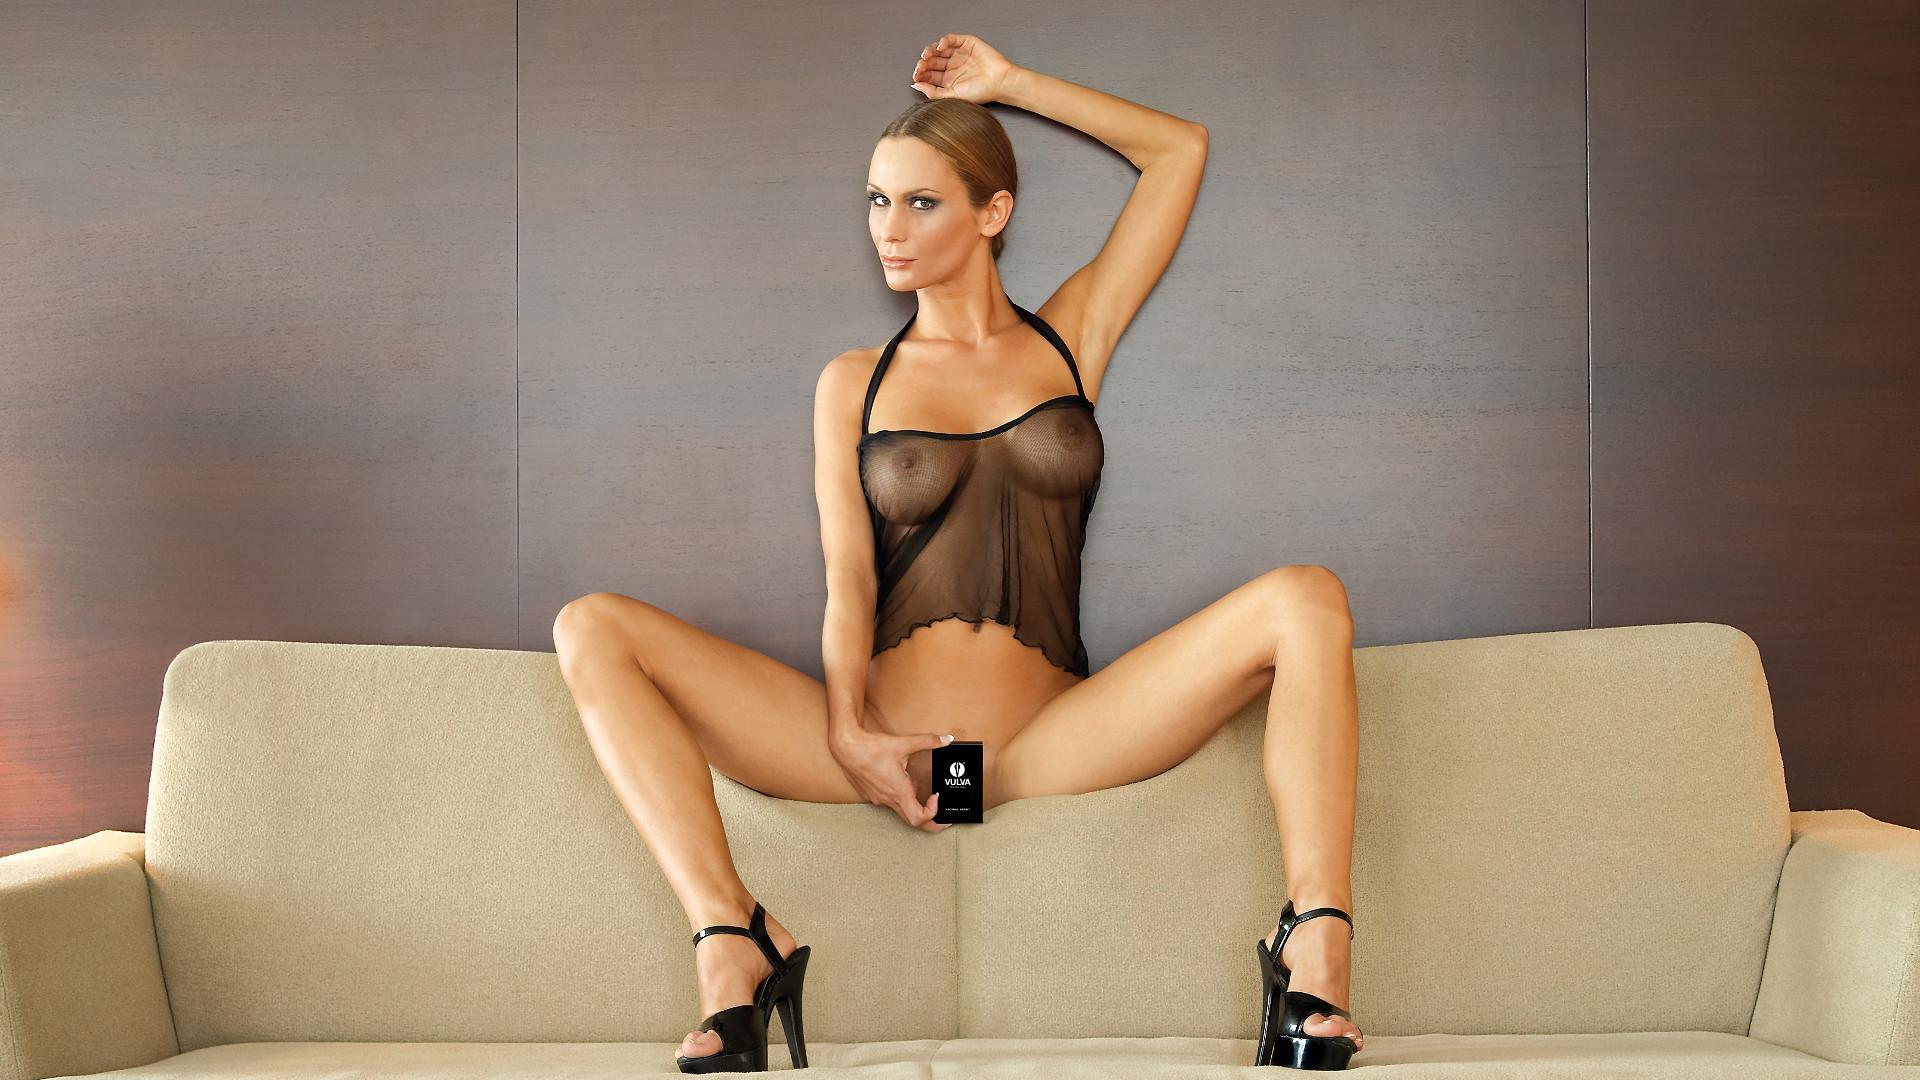 Geschenk_Sextoy_Erotischer Duft als Aphrodisiakum | VULVA Original